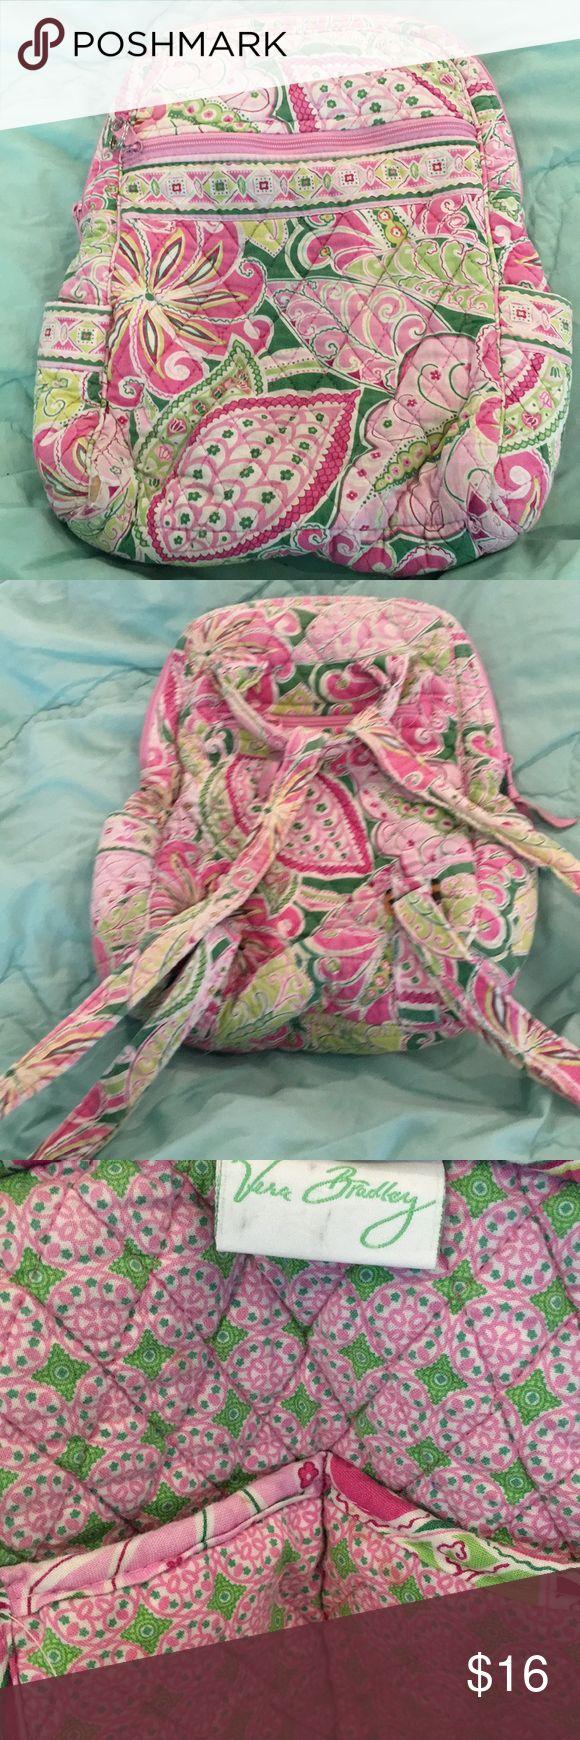 Vera Bradley Small Backpack purse Vera Bradley Small Backpack purse Vera Bradley Bags Backpacks